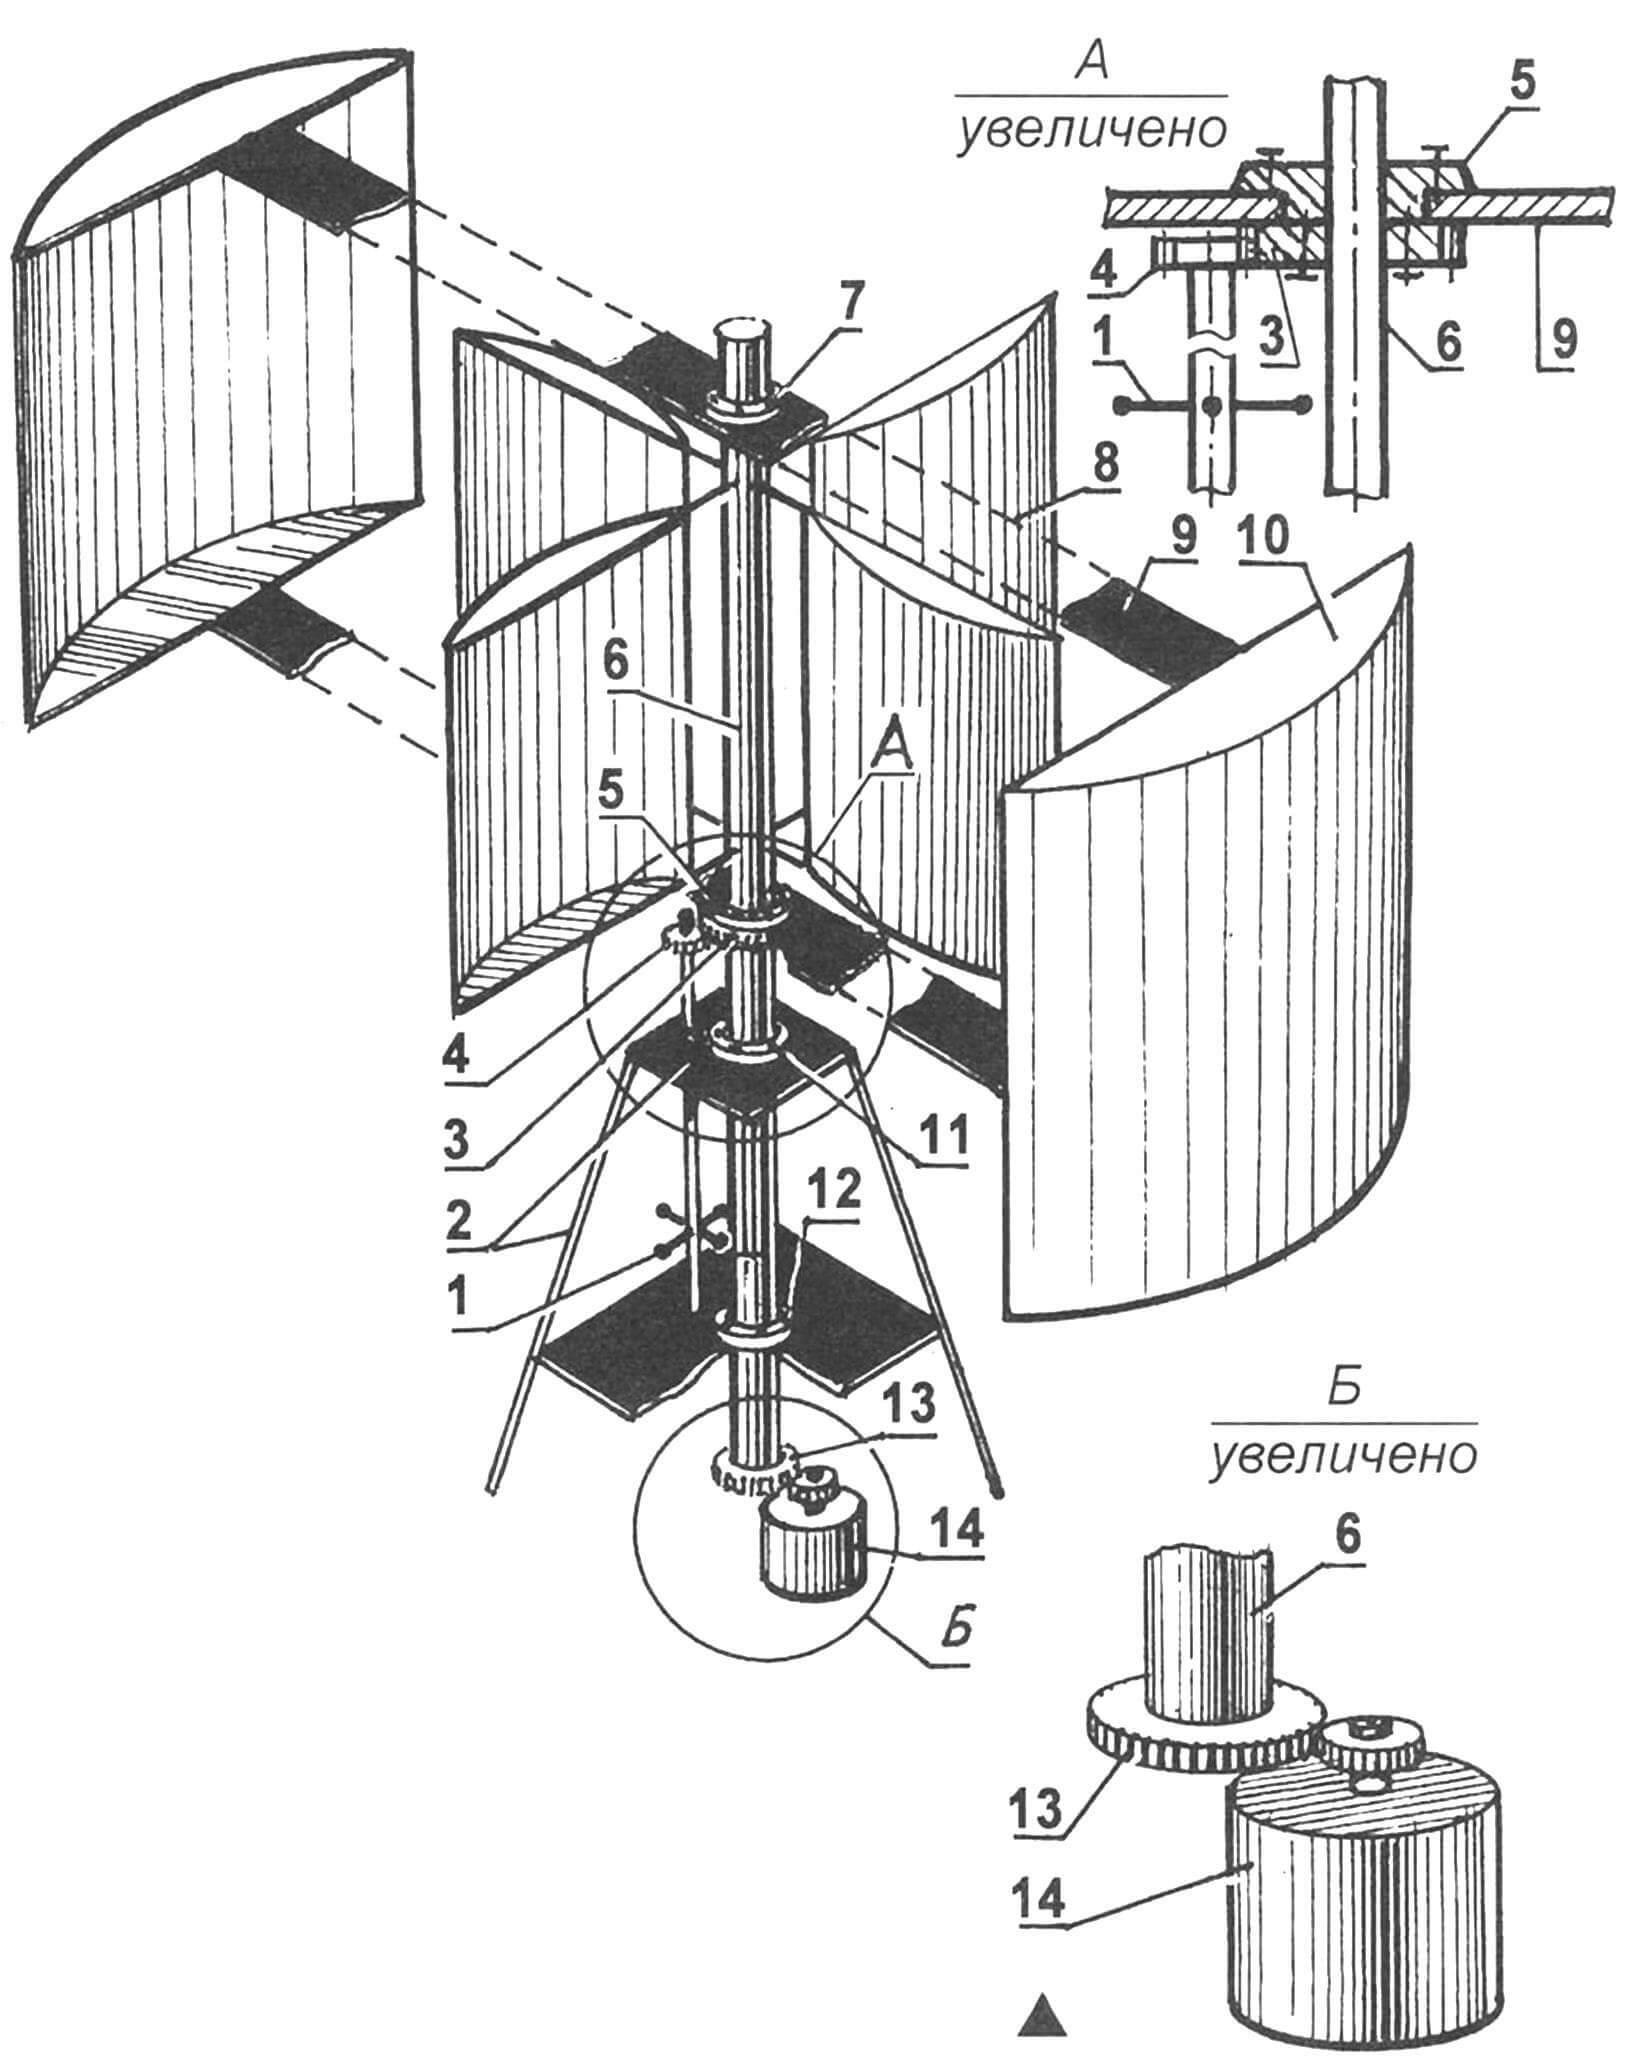 Устройство роторного ветрогенератора с регулирующей насадкой: